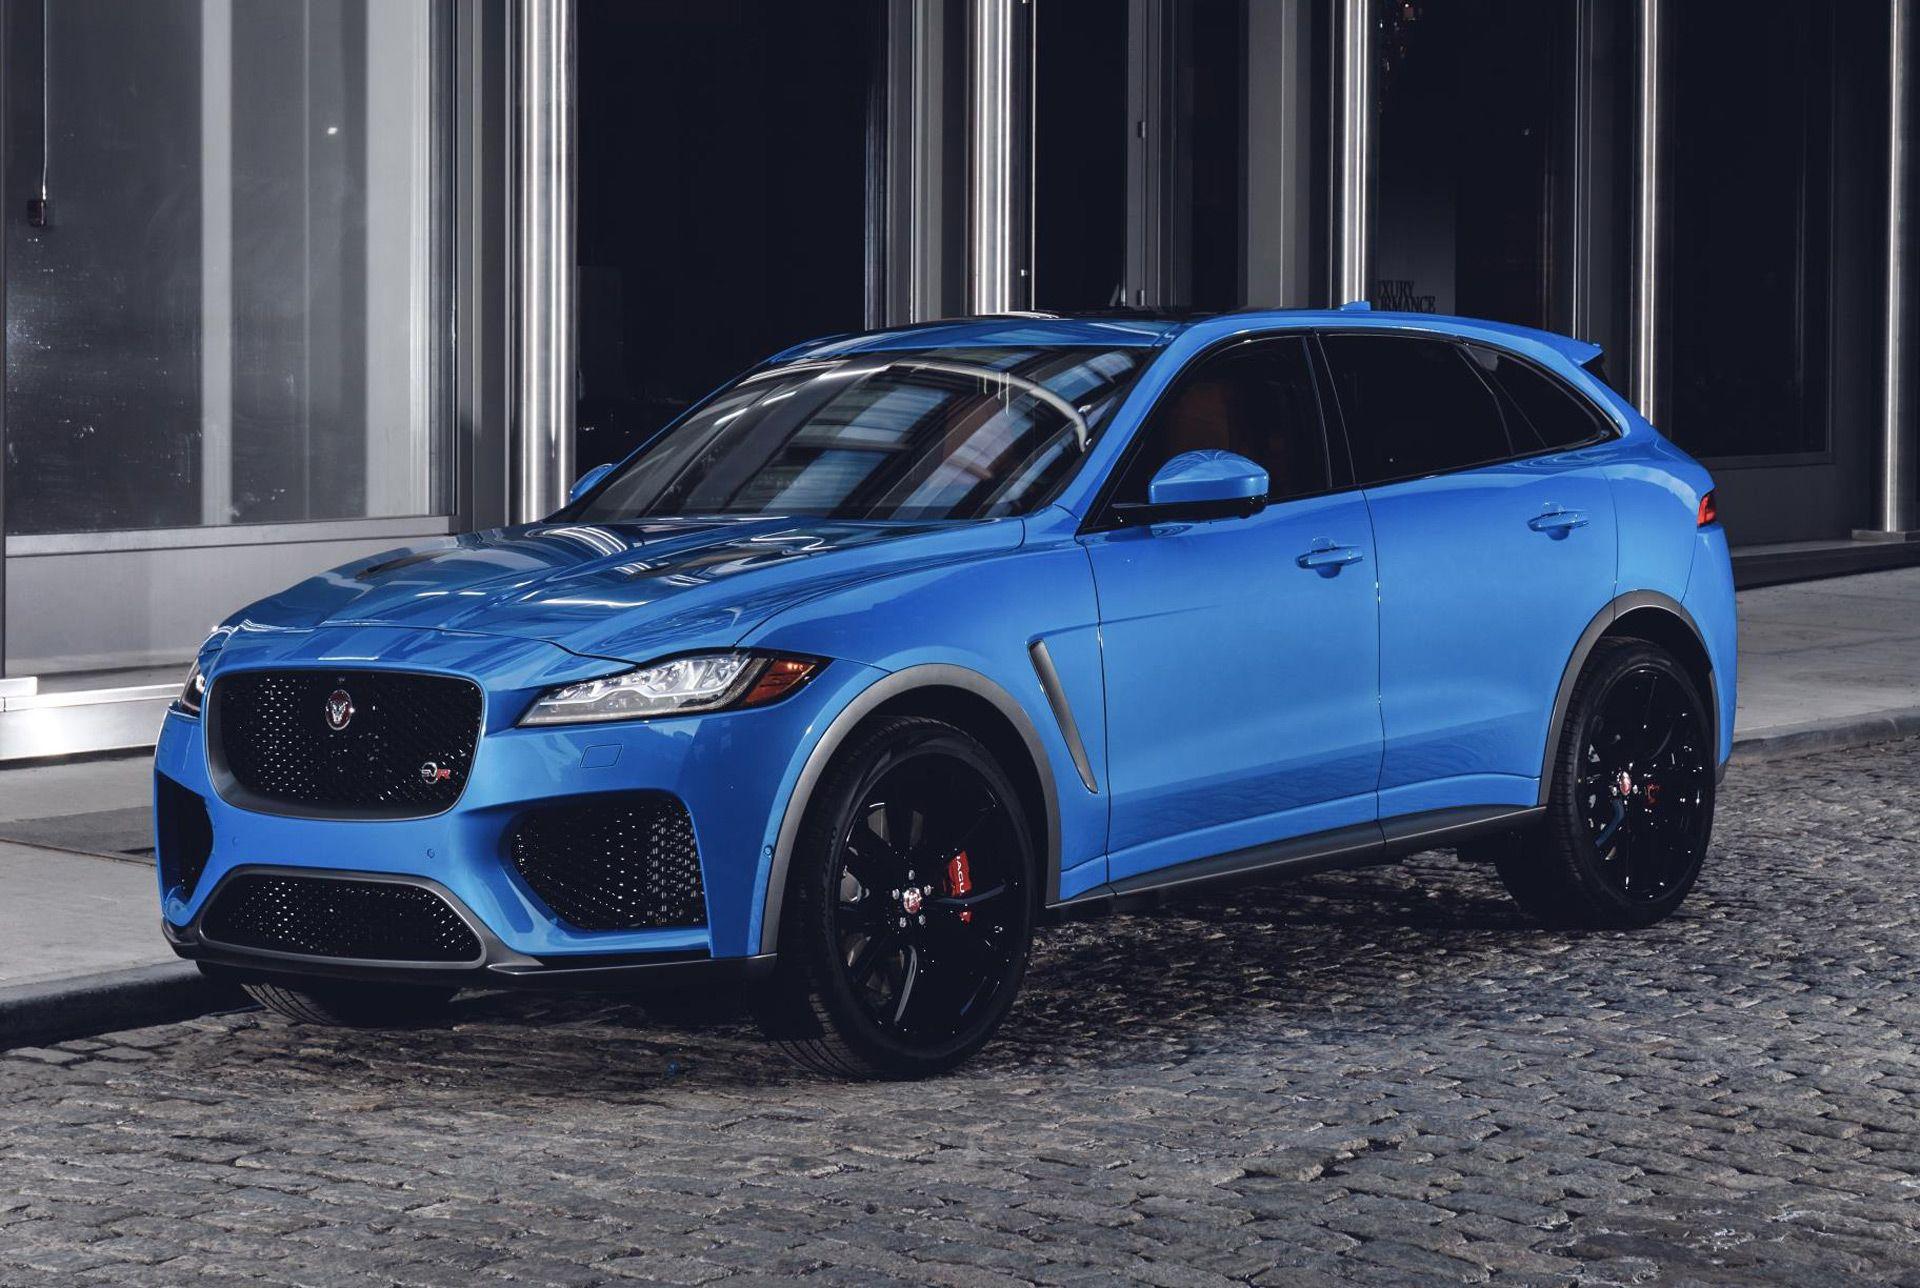 2020 Jaguar F Pace Svr With Images Jaguar Suv Jaguar Car Jaguar